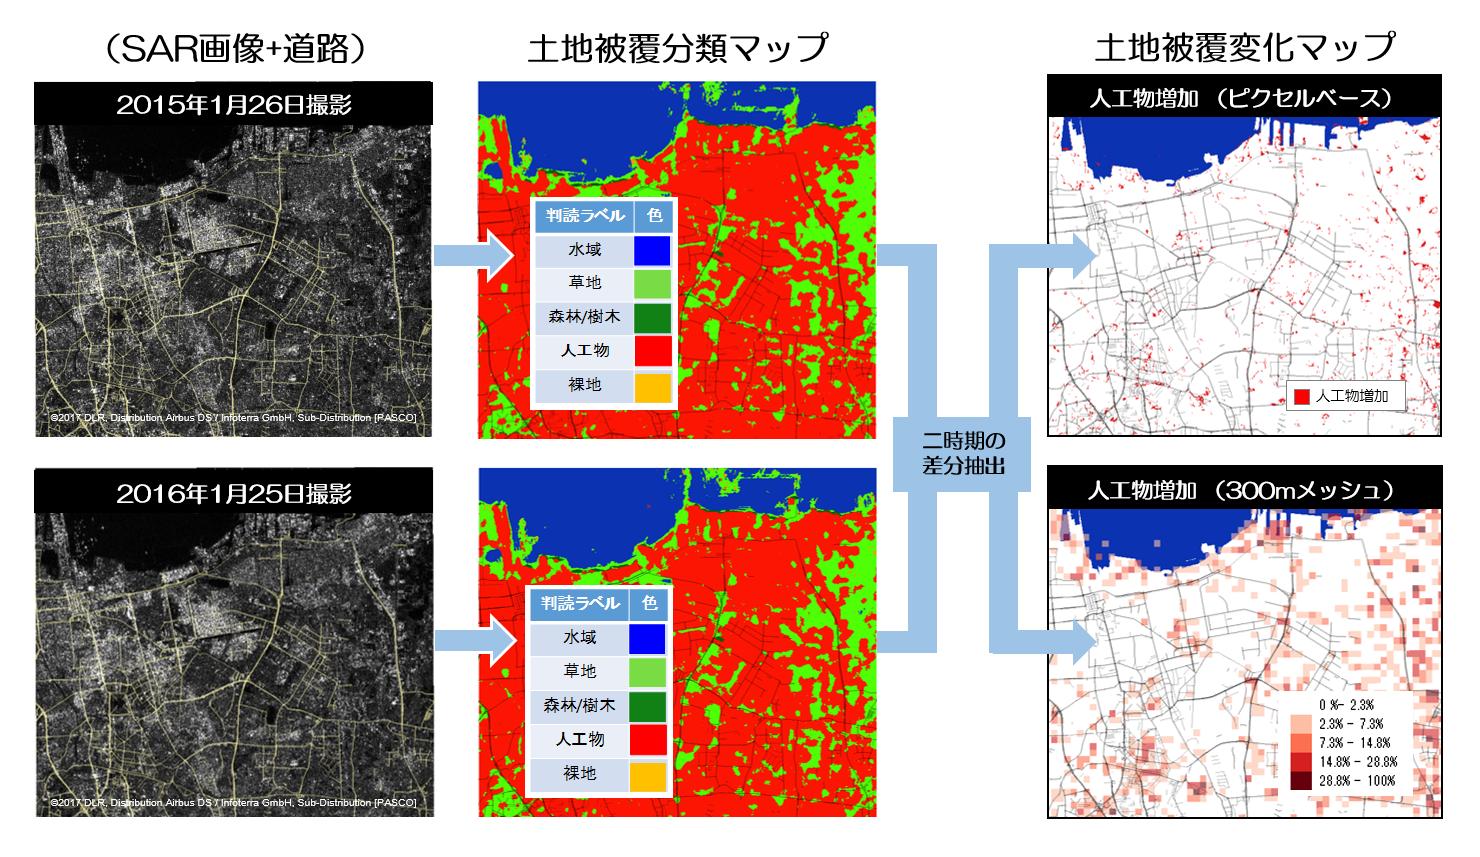 衛星画像から都市の変化を解析